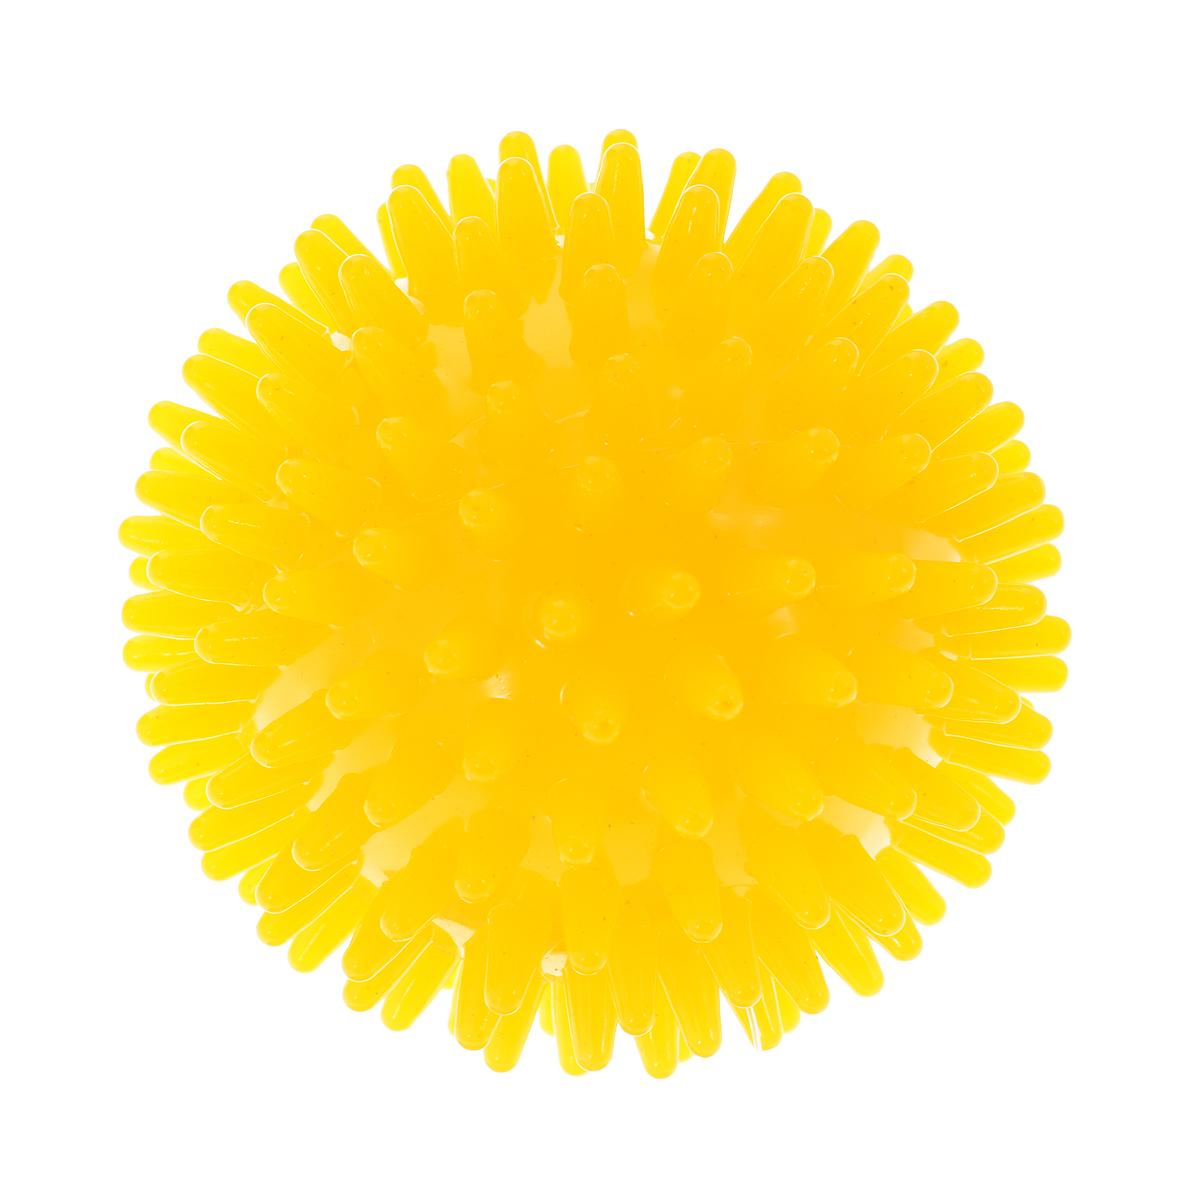 Игрушка для собак V.I.Pet Массажный мяч, цвет: желтый, диаметр 6 смBL11-015-60Игрушка для собак V.I.Pet Массажный мяч, изготовленная из ПВХ, предназначена для массажа и самомассажа рефлексогенных зон. Она имеет мягкие закругленные массажные шипы, эффективно массирующие и не травмирующие кожу. Игрушка не позволит скучать вашему питомцу ни дома, ни на улице. Диаметр: 6 см.